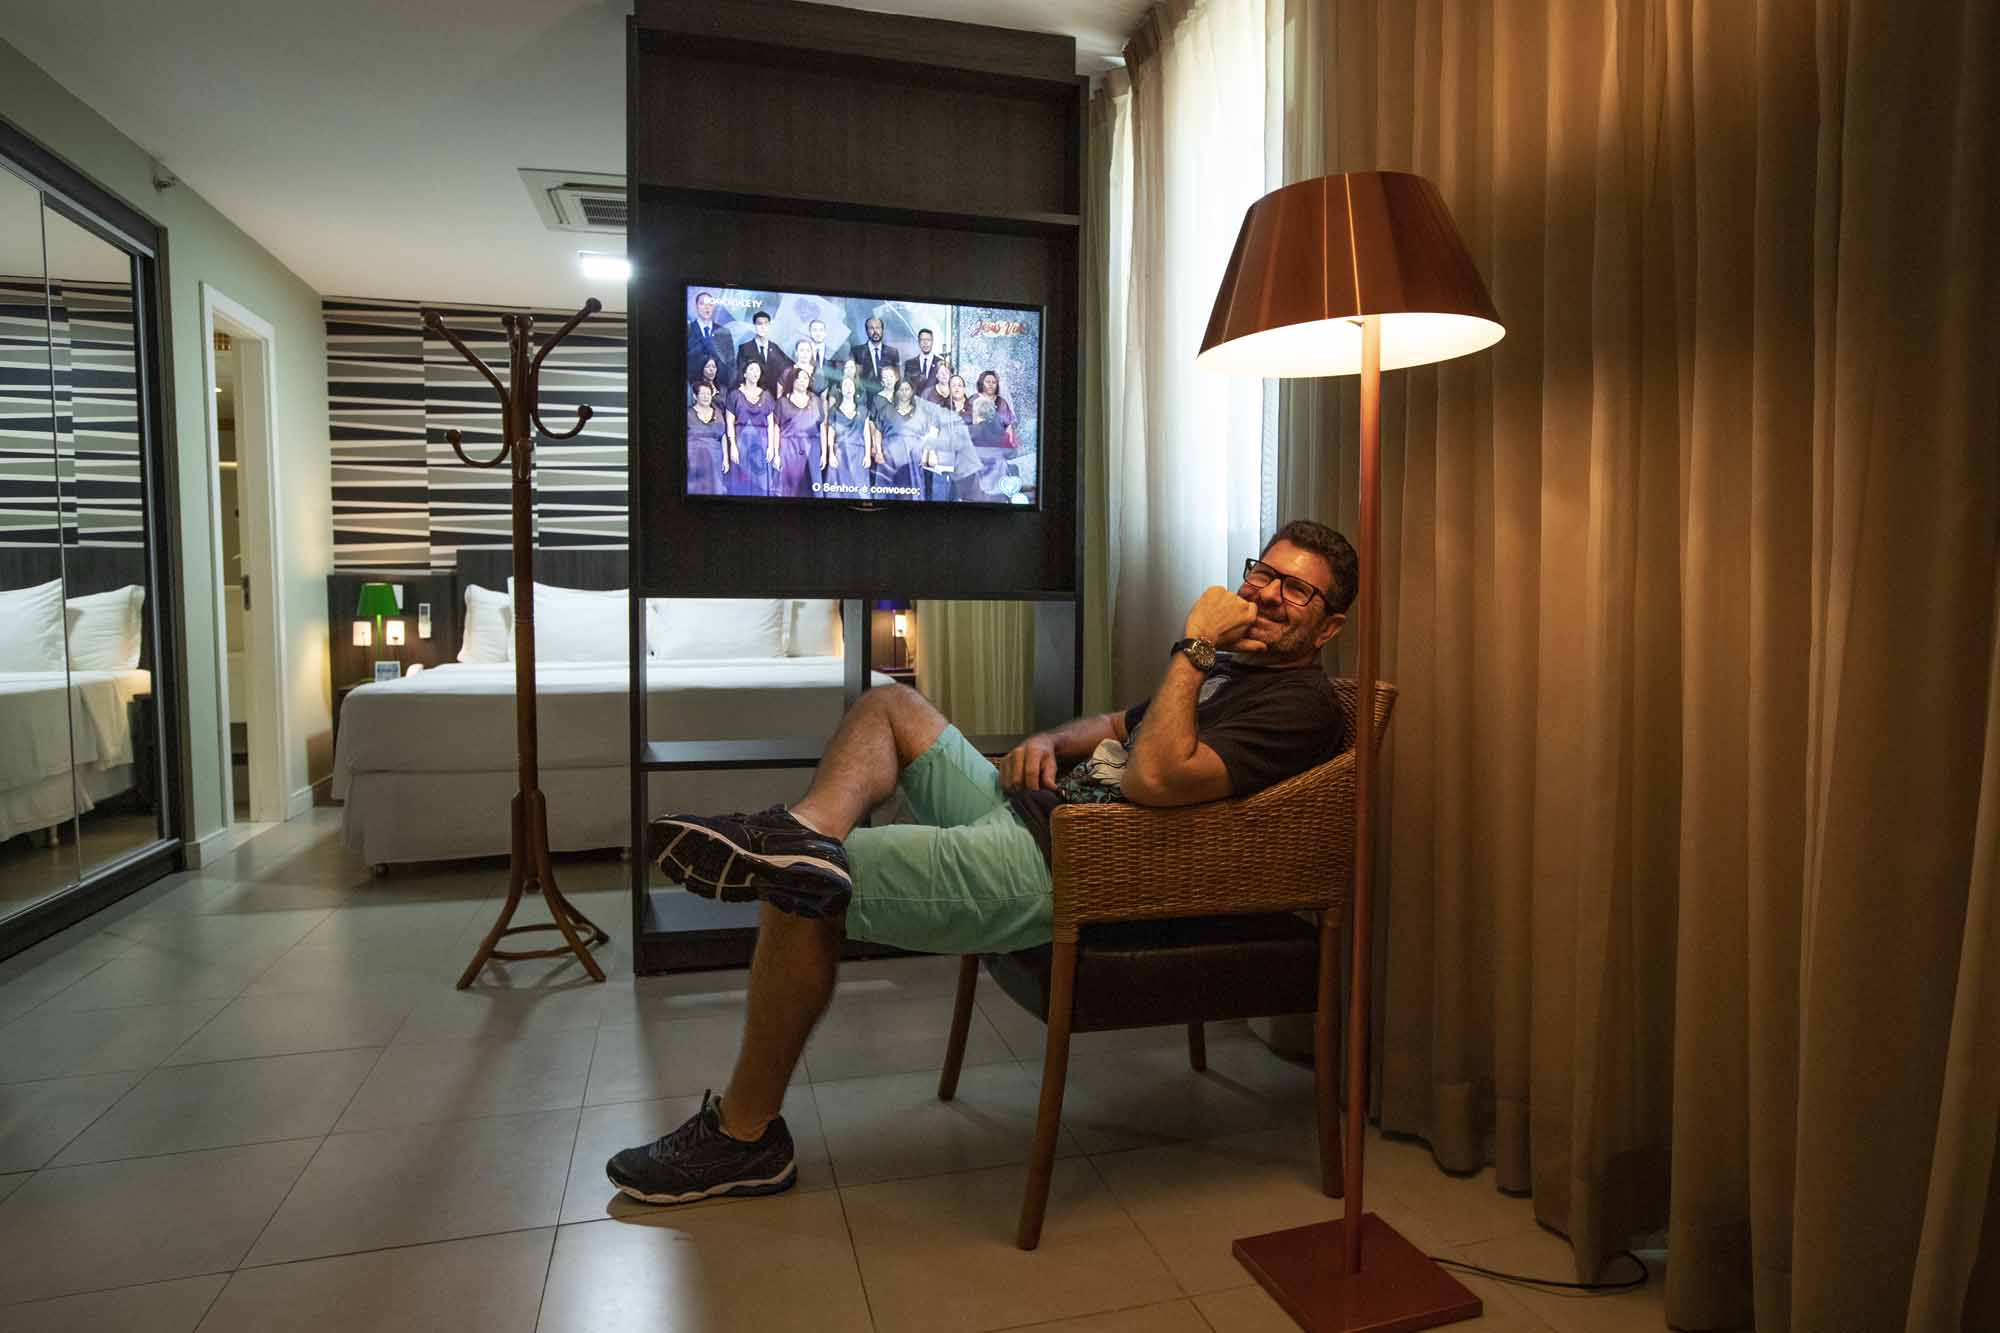 http://lugarperfeito.com/guia-de-lugares/cidade/lugar/hospedagem/o-mais-hotel-e-puro-aconchego-na-bahia